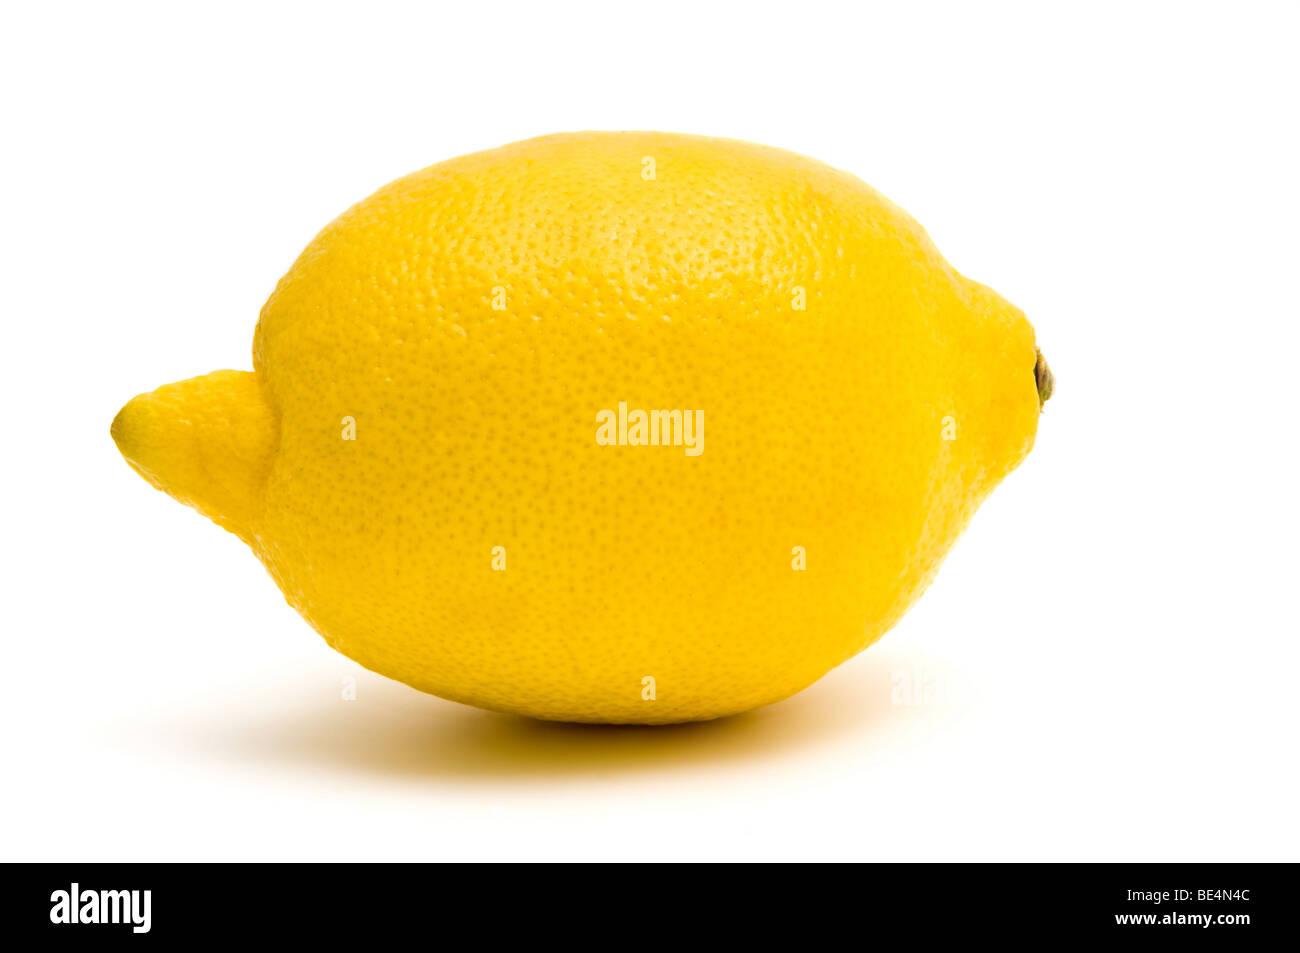 Uno de limón perfecto aislado en blanco Imagen De Stock